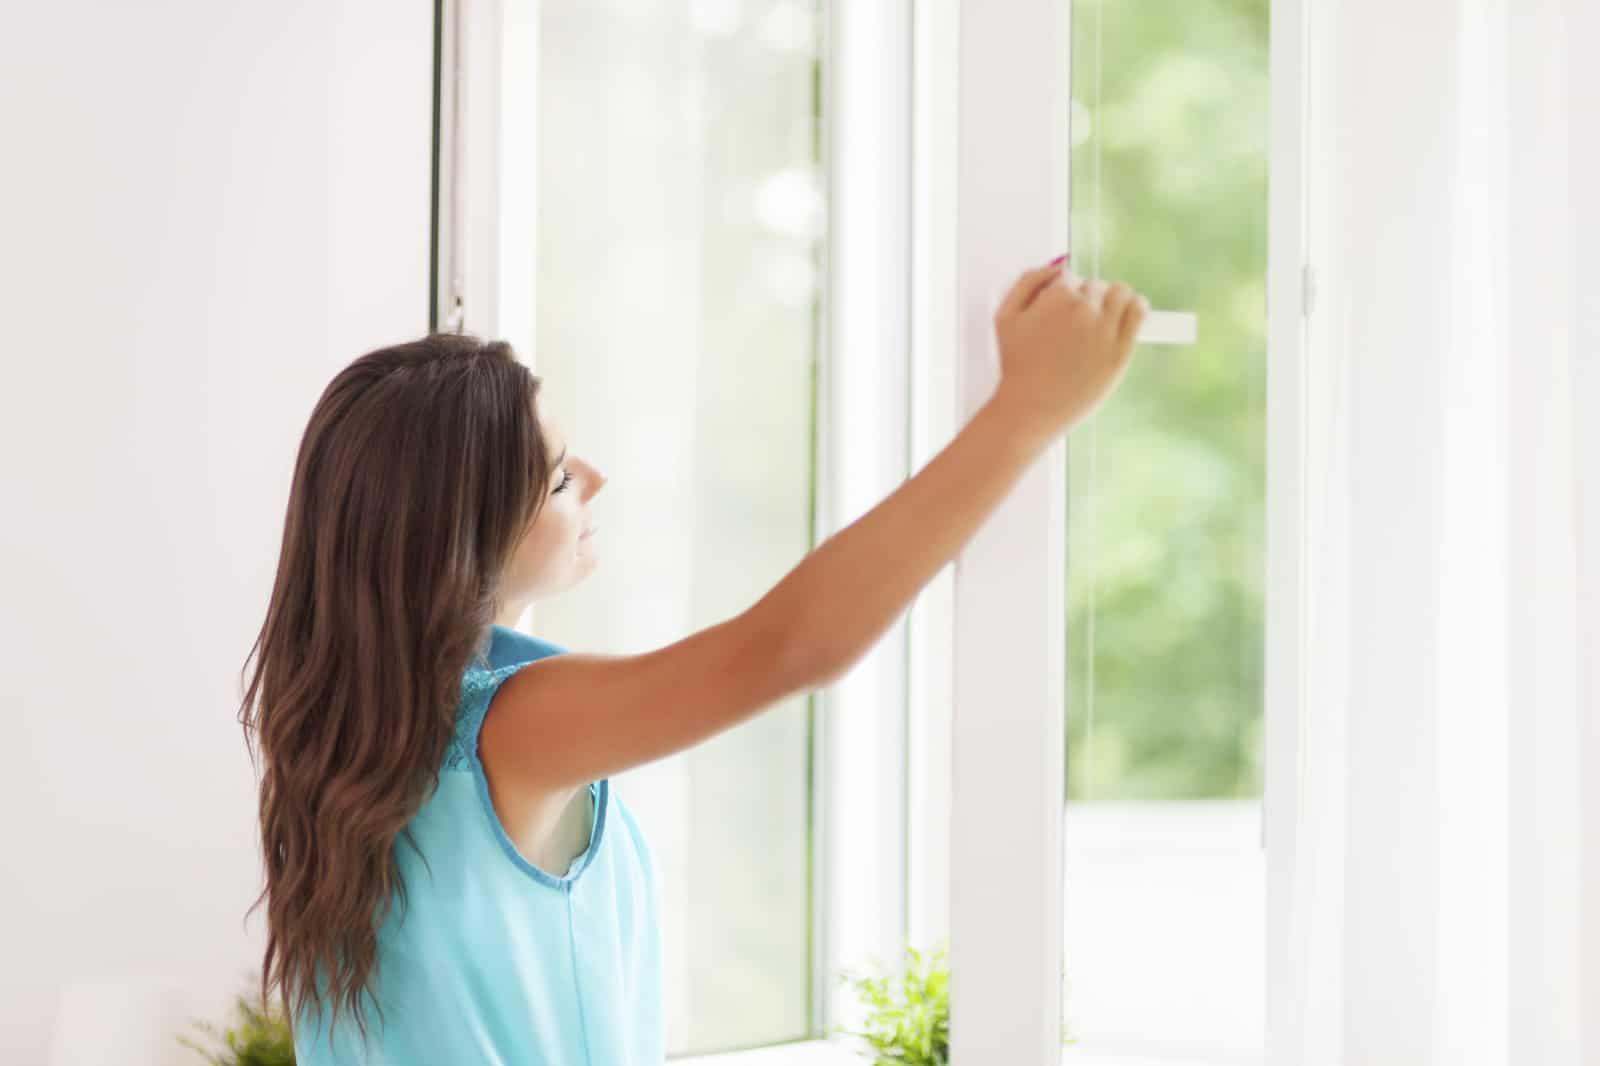 Девушки и женщины дышут своим воздухом и потеют дома  89433